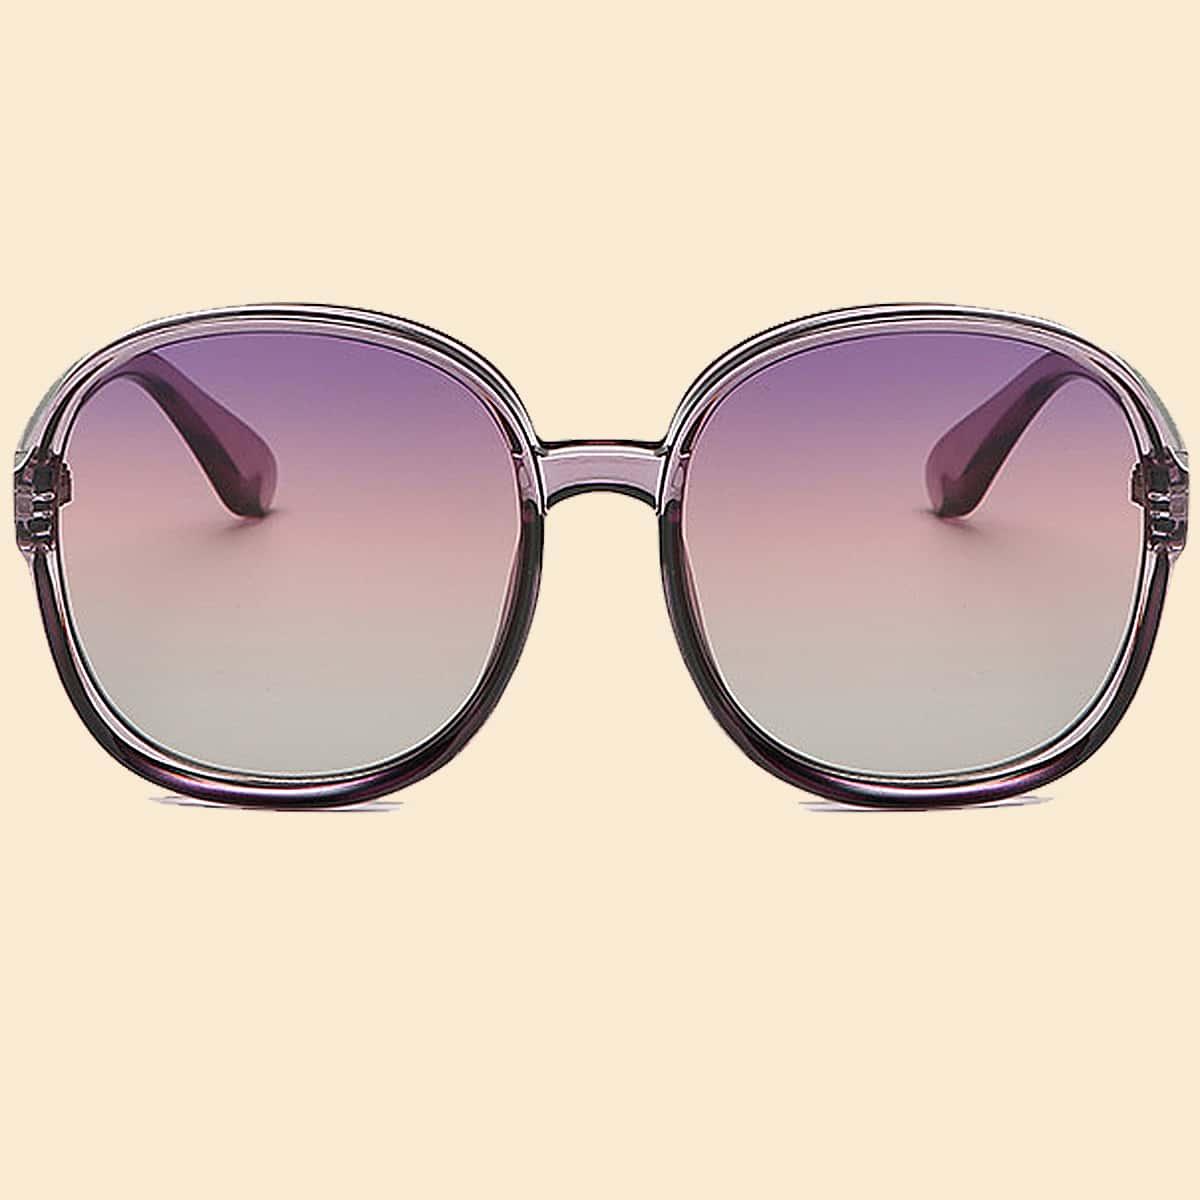 Градиентные солнечные очки для девочек фото